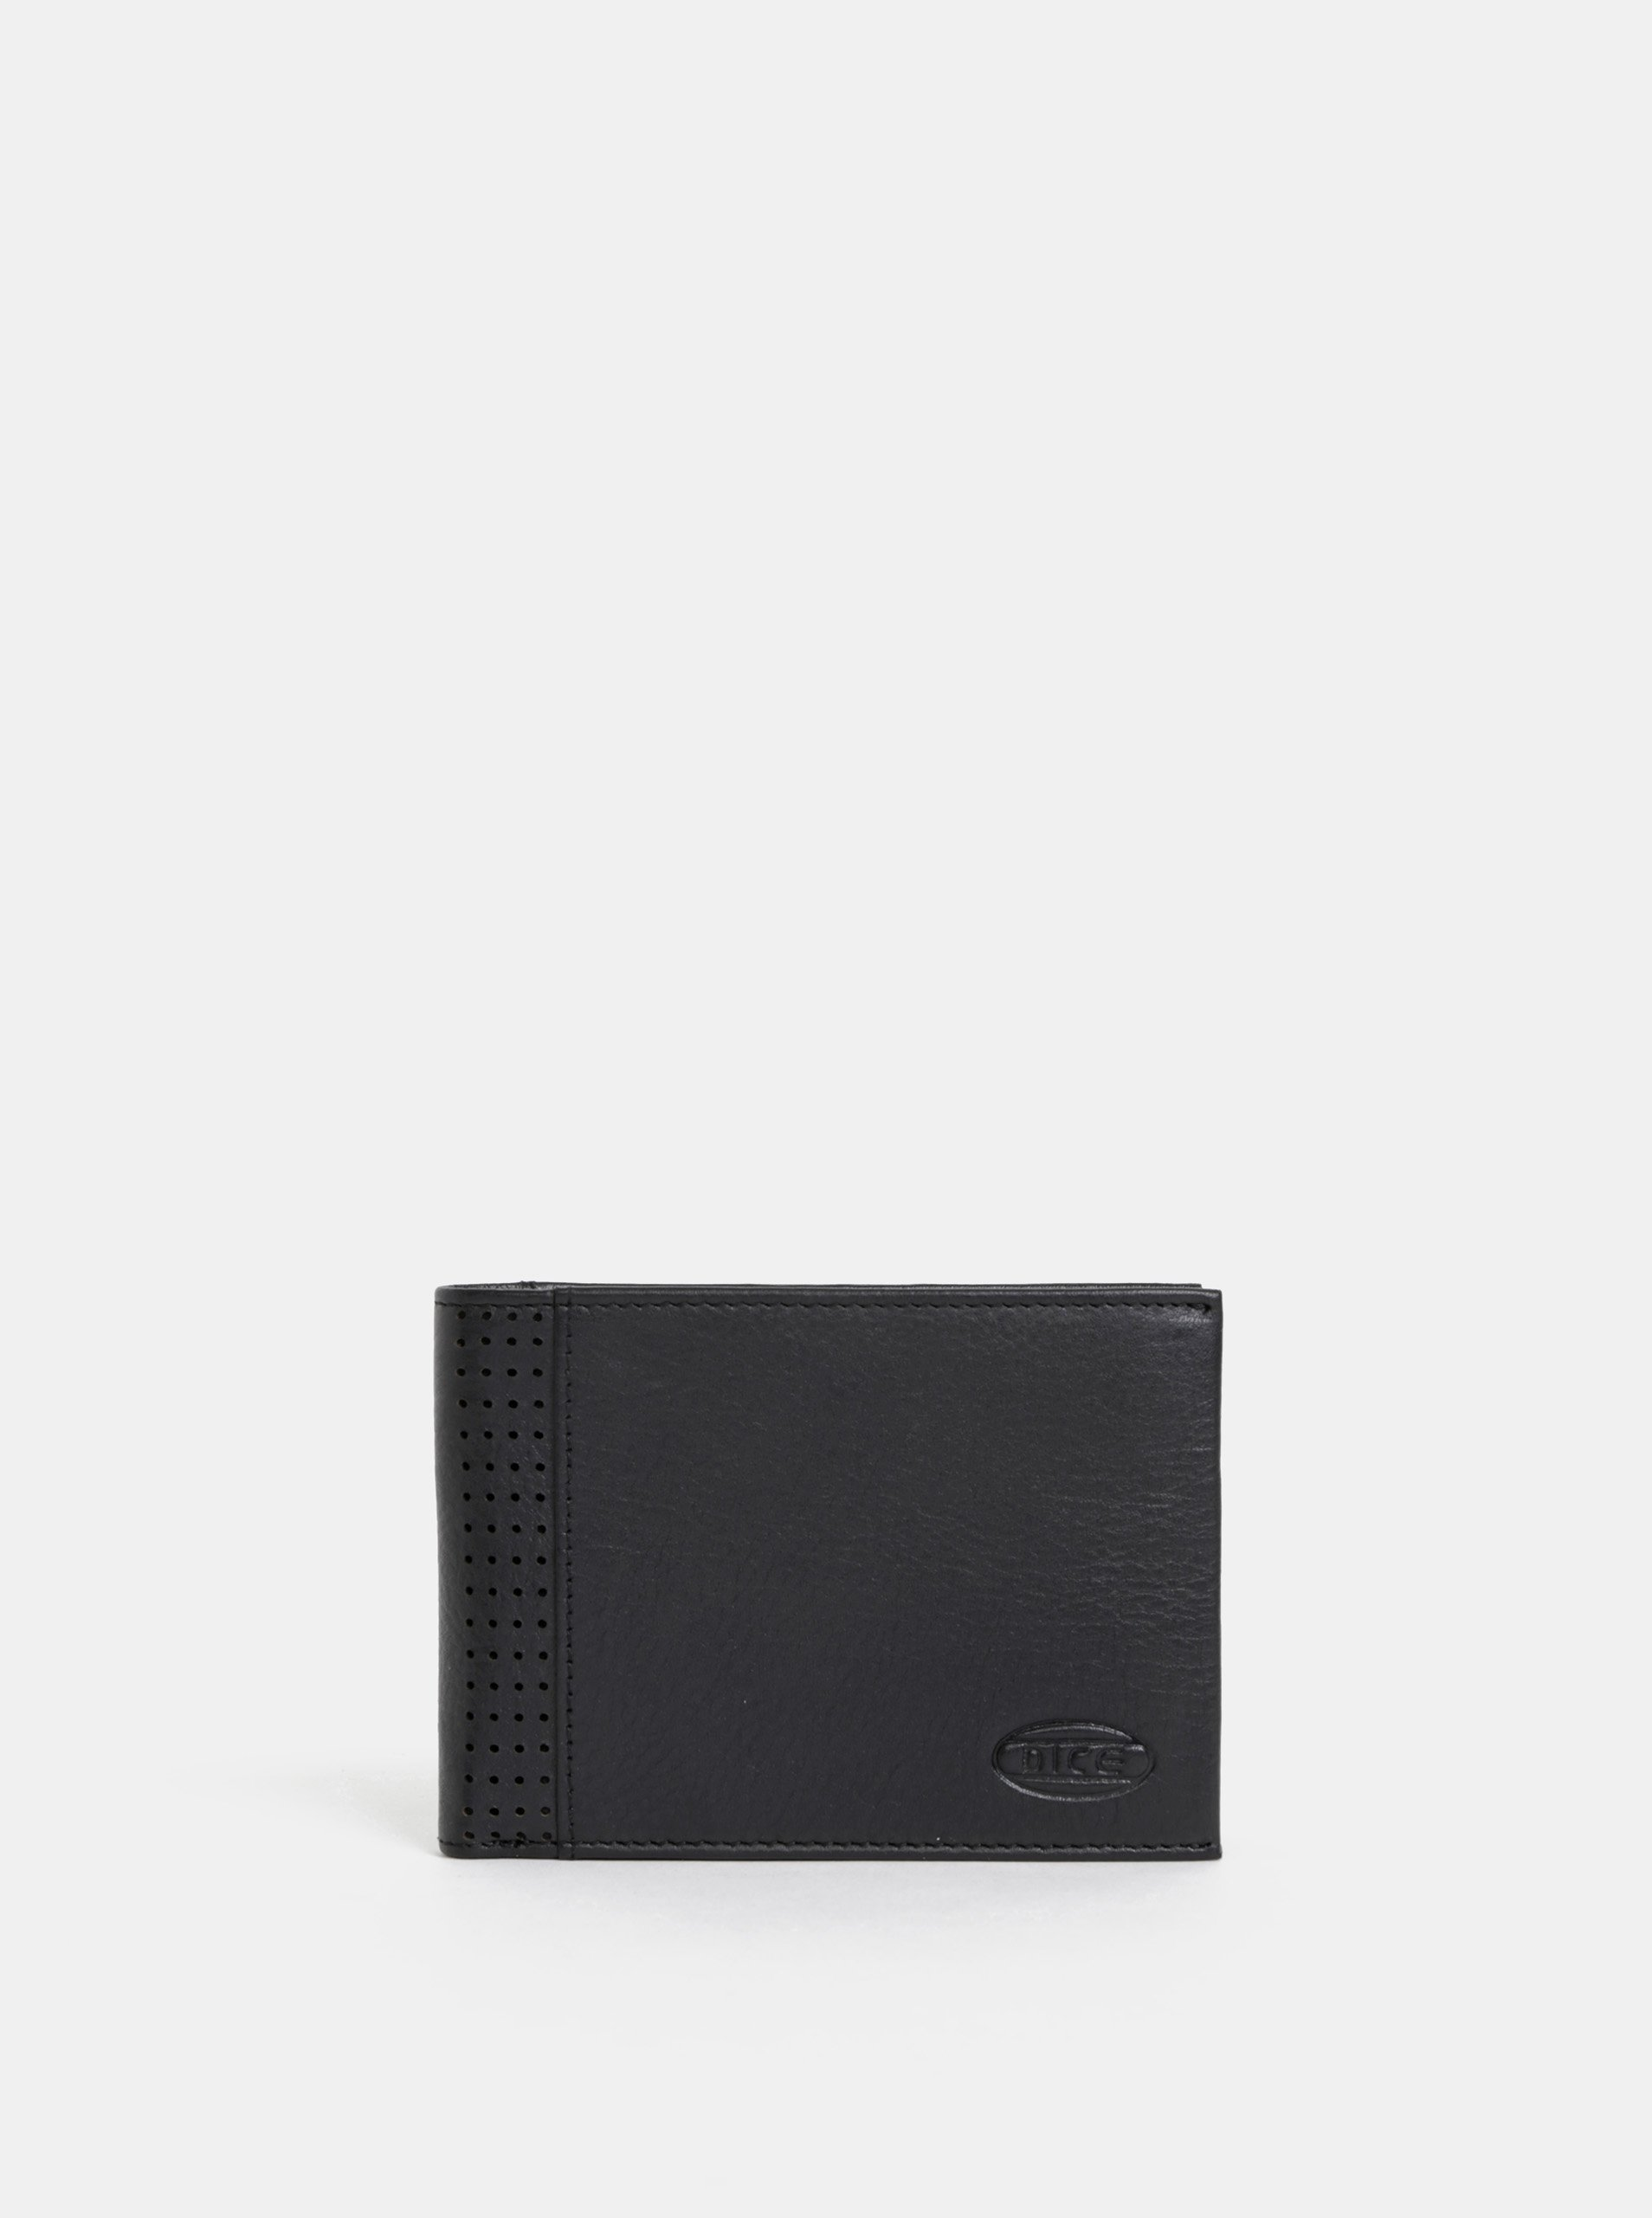 Čierna pánska kožená peňaženka Dice Hayley